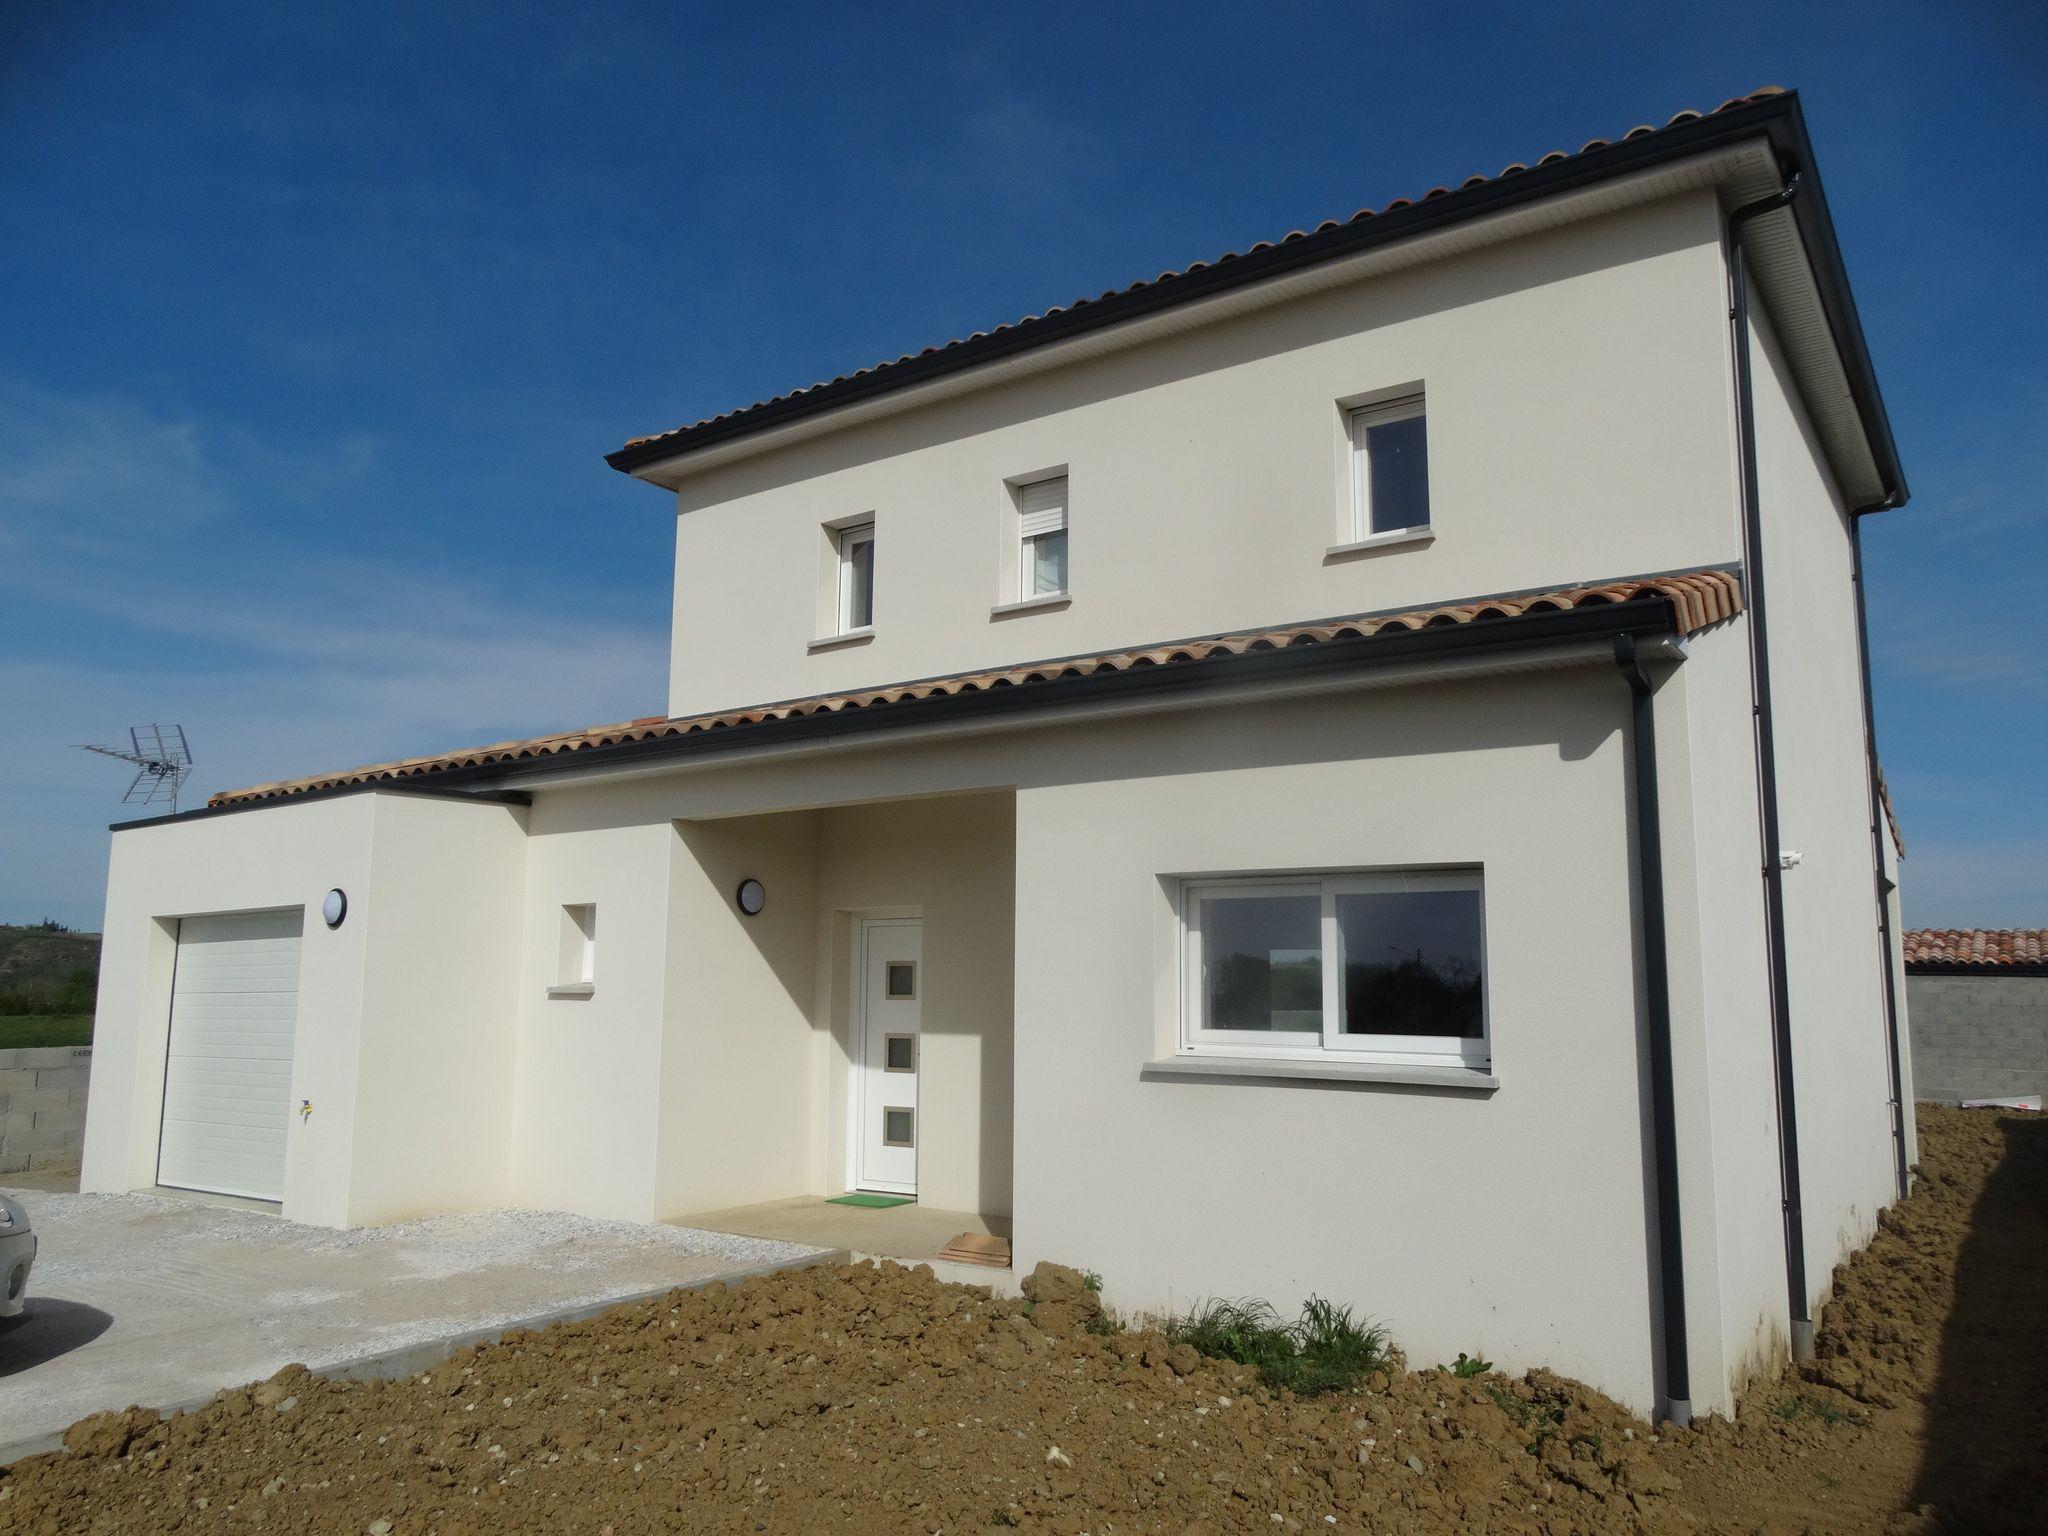 Labarthe sur Lèze, 1 km du centre, villa T4, neuve 110 m² hab. sur 500 m² de terrain.